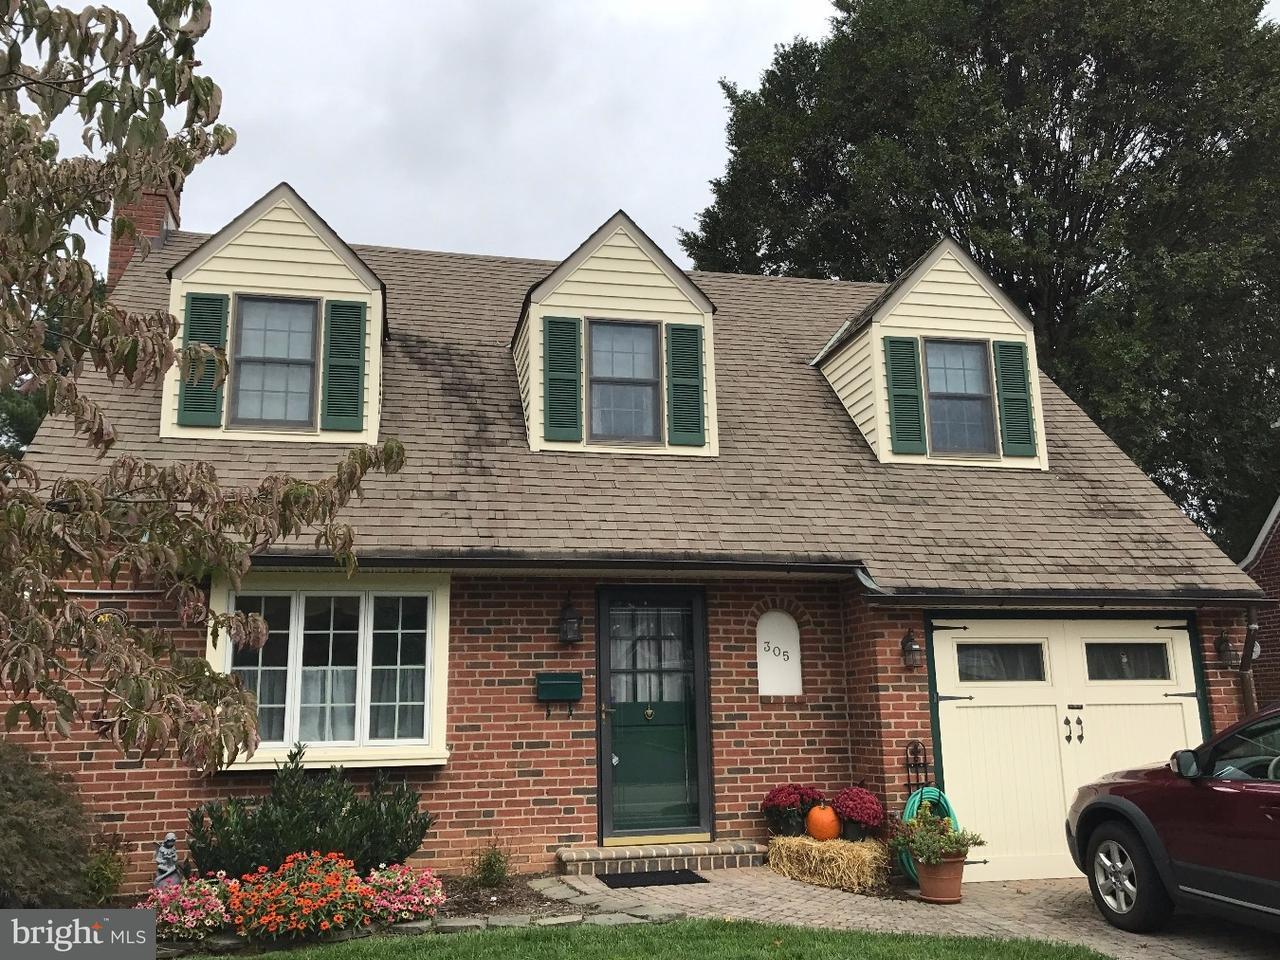 Casa Unifamiliar por un Venta en 305 BURTON Road Oreland, Pennsylvania 19075 Estados Unidos